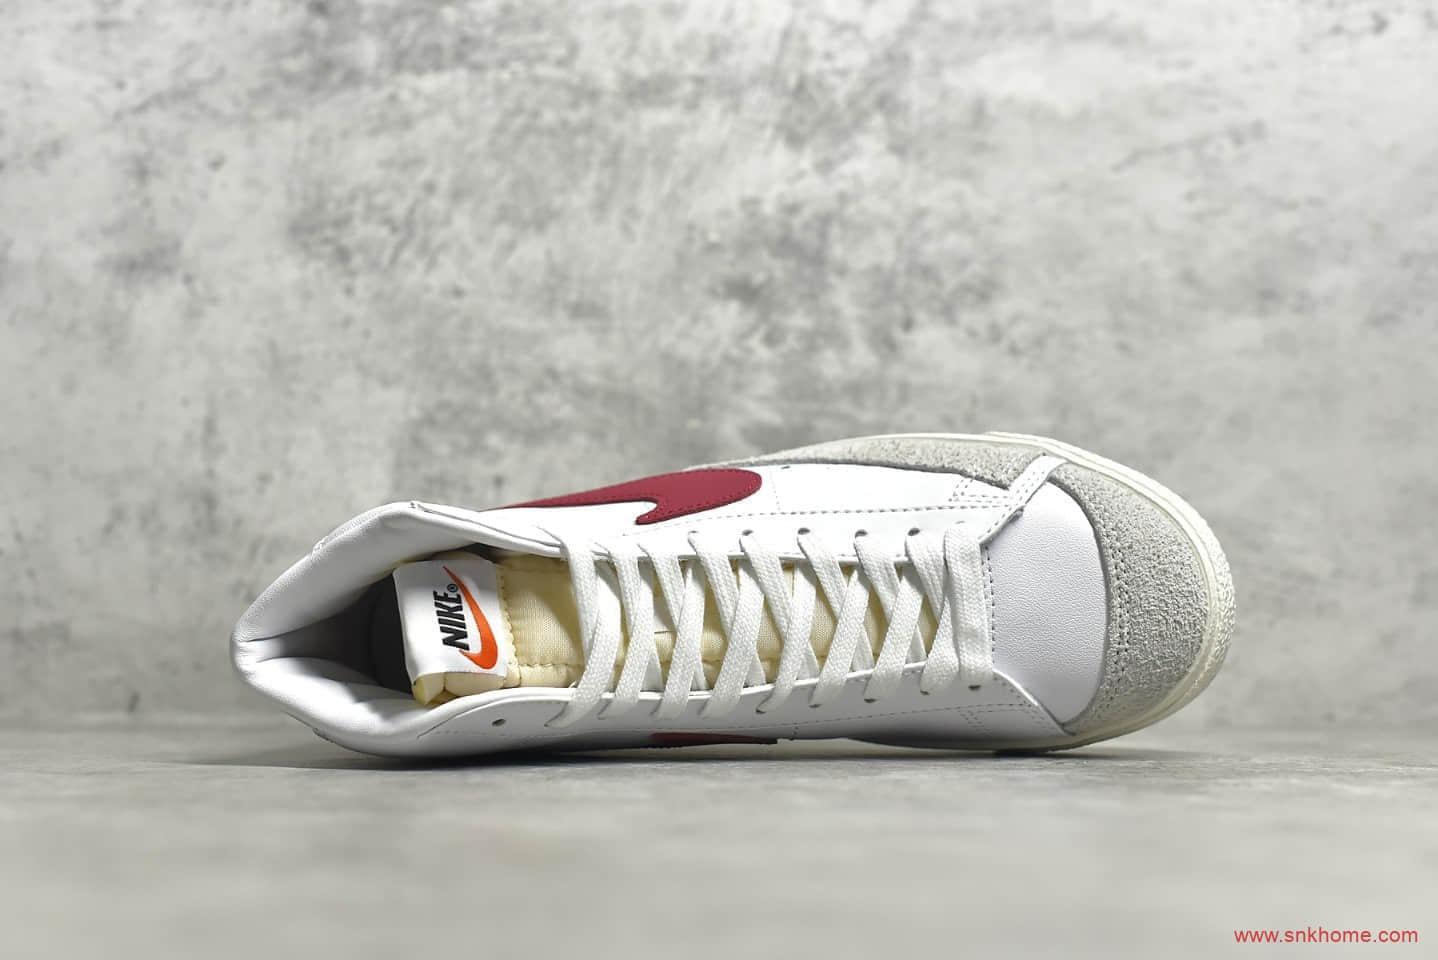 耐克开拓者白红高帮 NIKE ZOOM BLAZER MID 耐克硫化板鞋 权志龙同款耐克开拓者 货号:BQ6806-102-潮流者之家